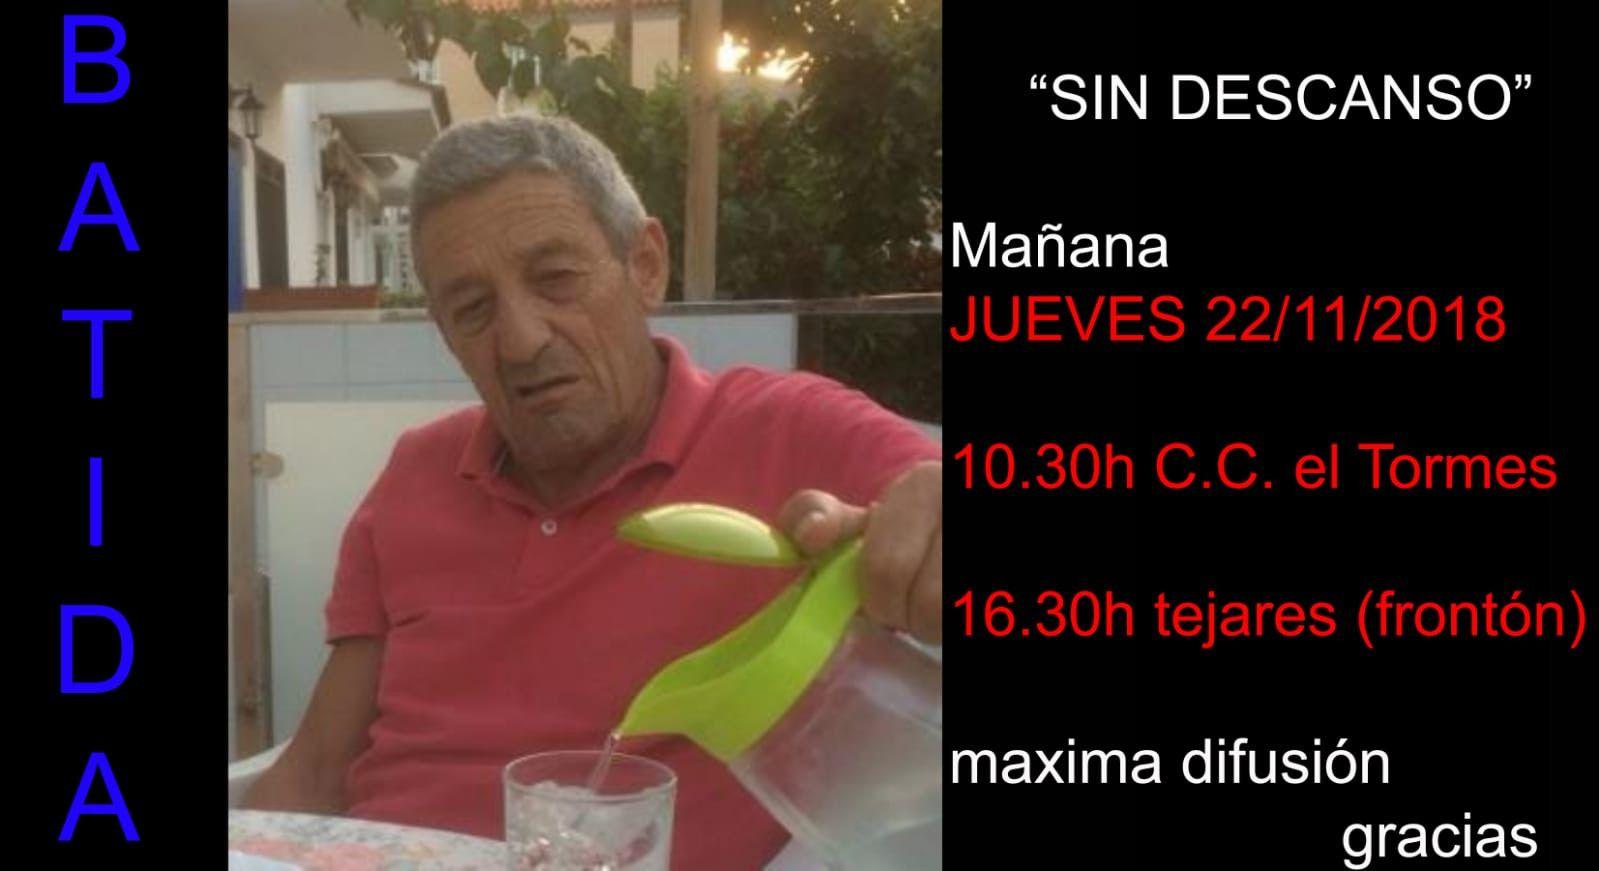 Batidas Jueves 22 de noviembre desaparecido Josu00e9 Antonio